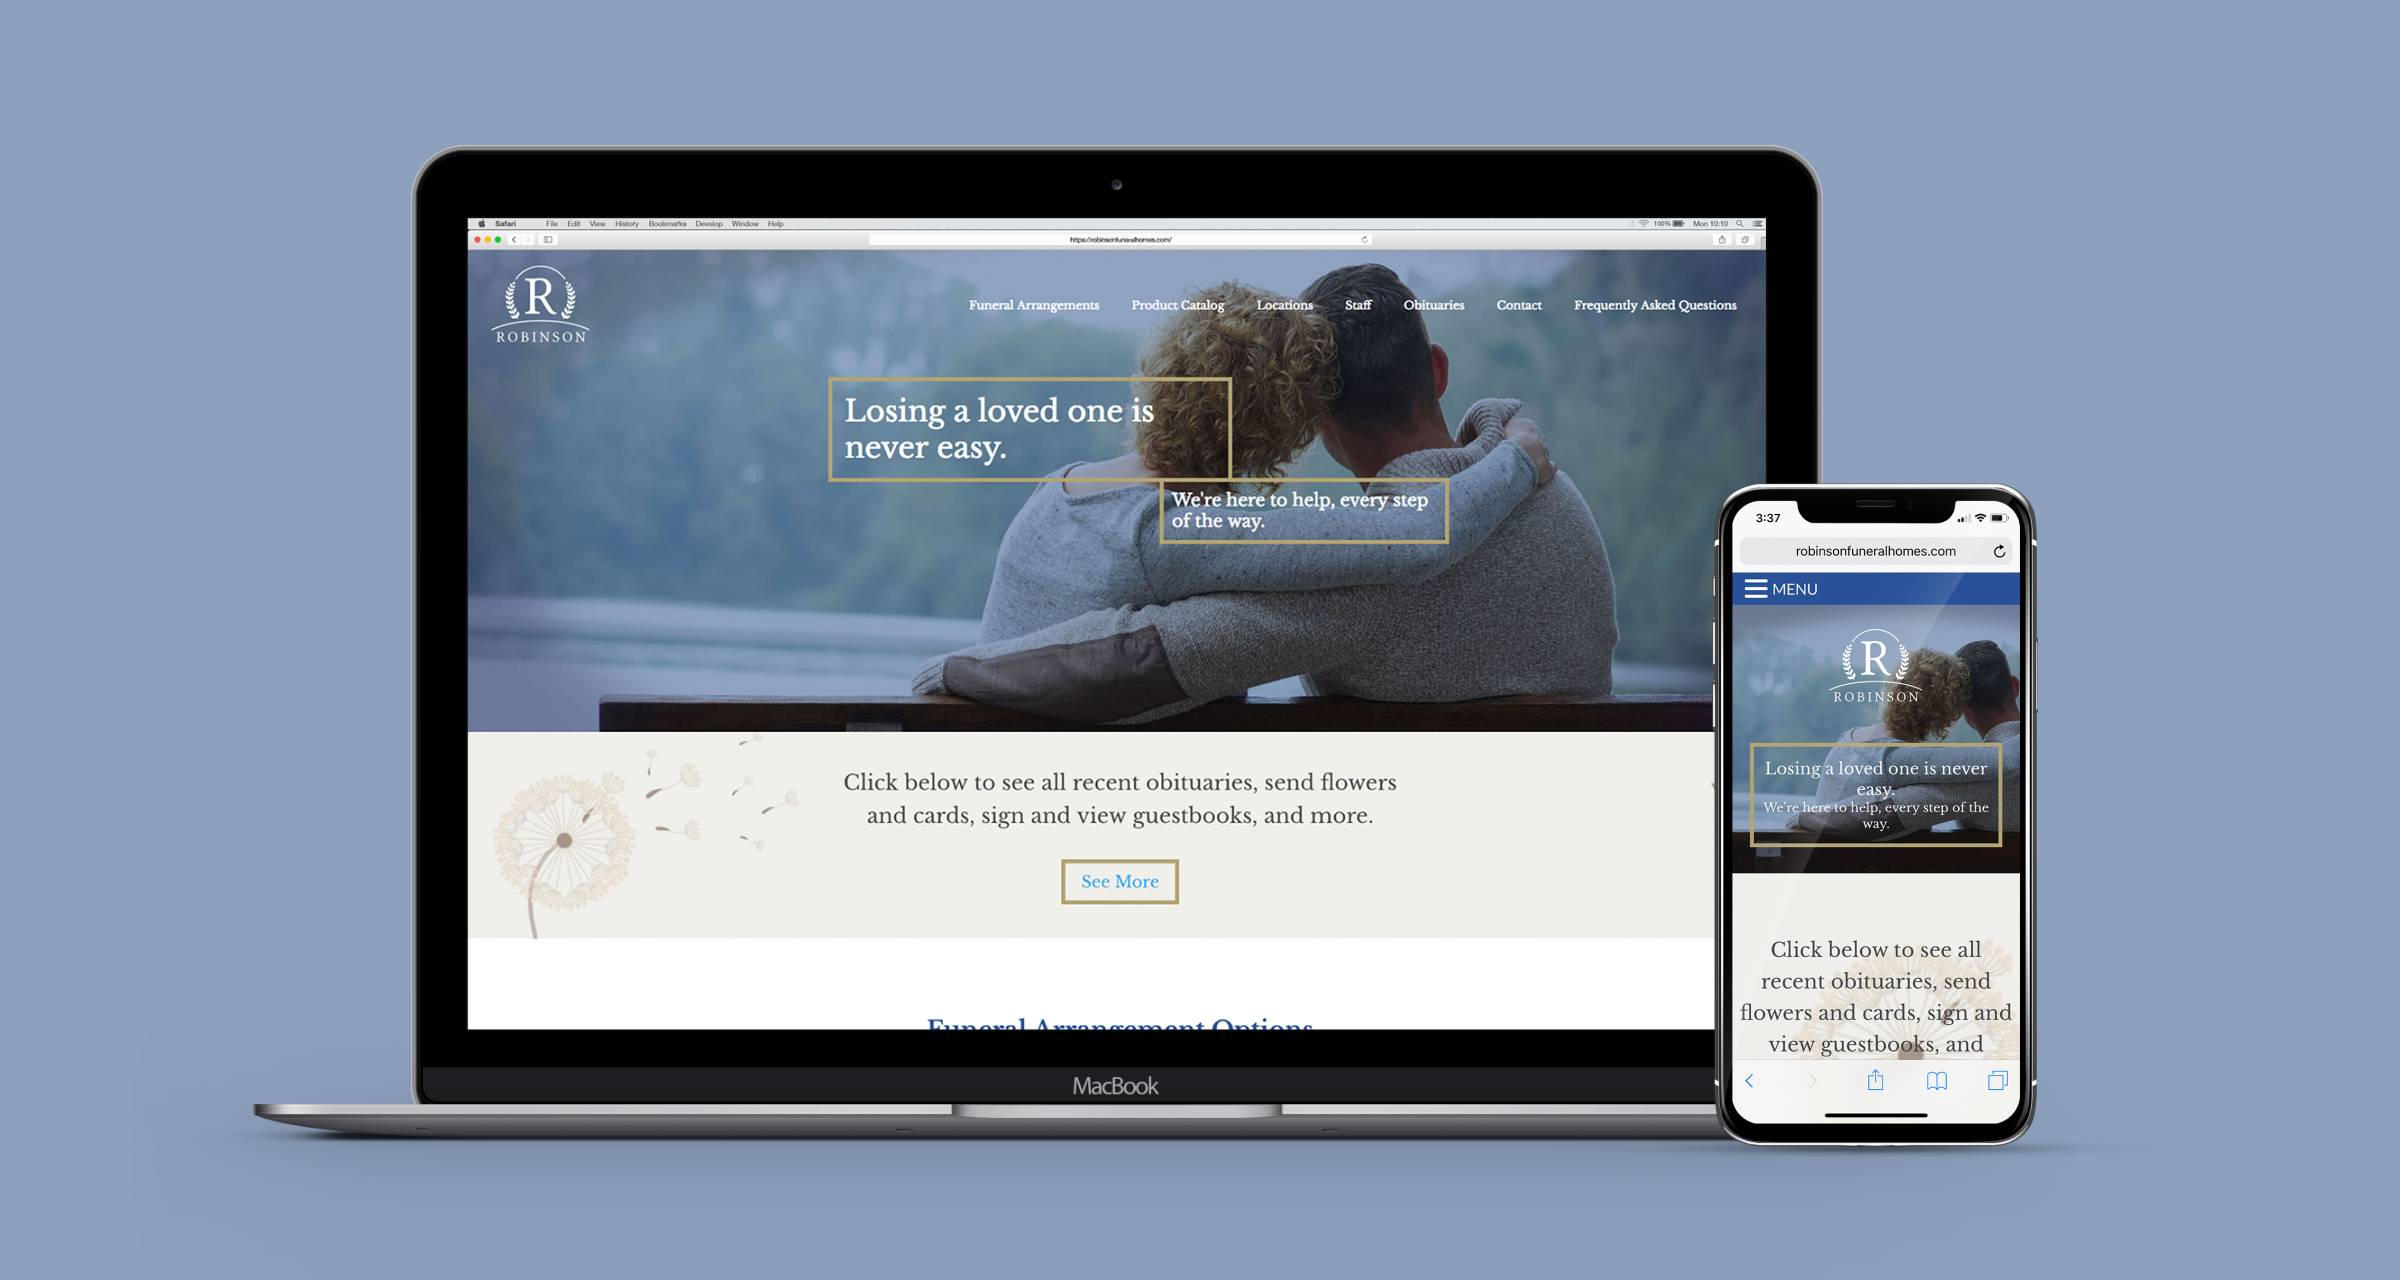 robinson-funeral-homes-website-desktop-mobile